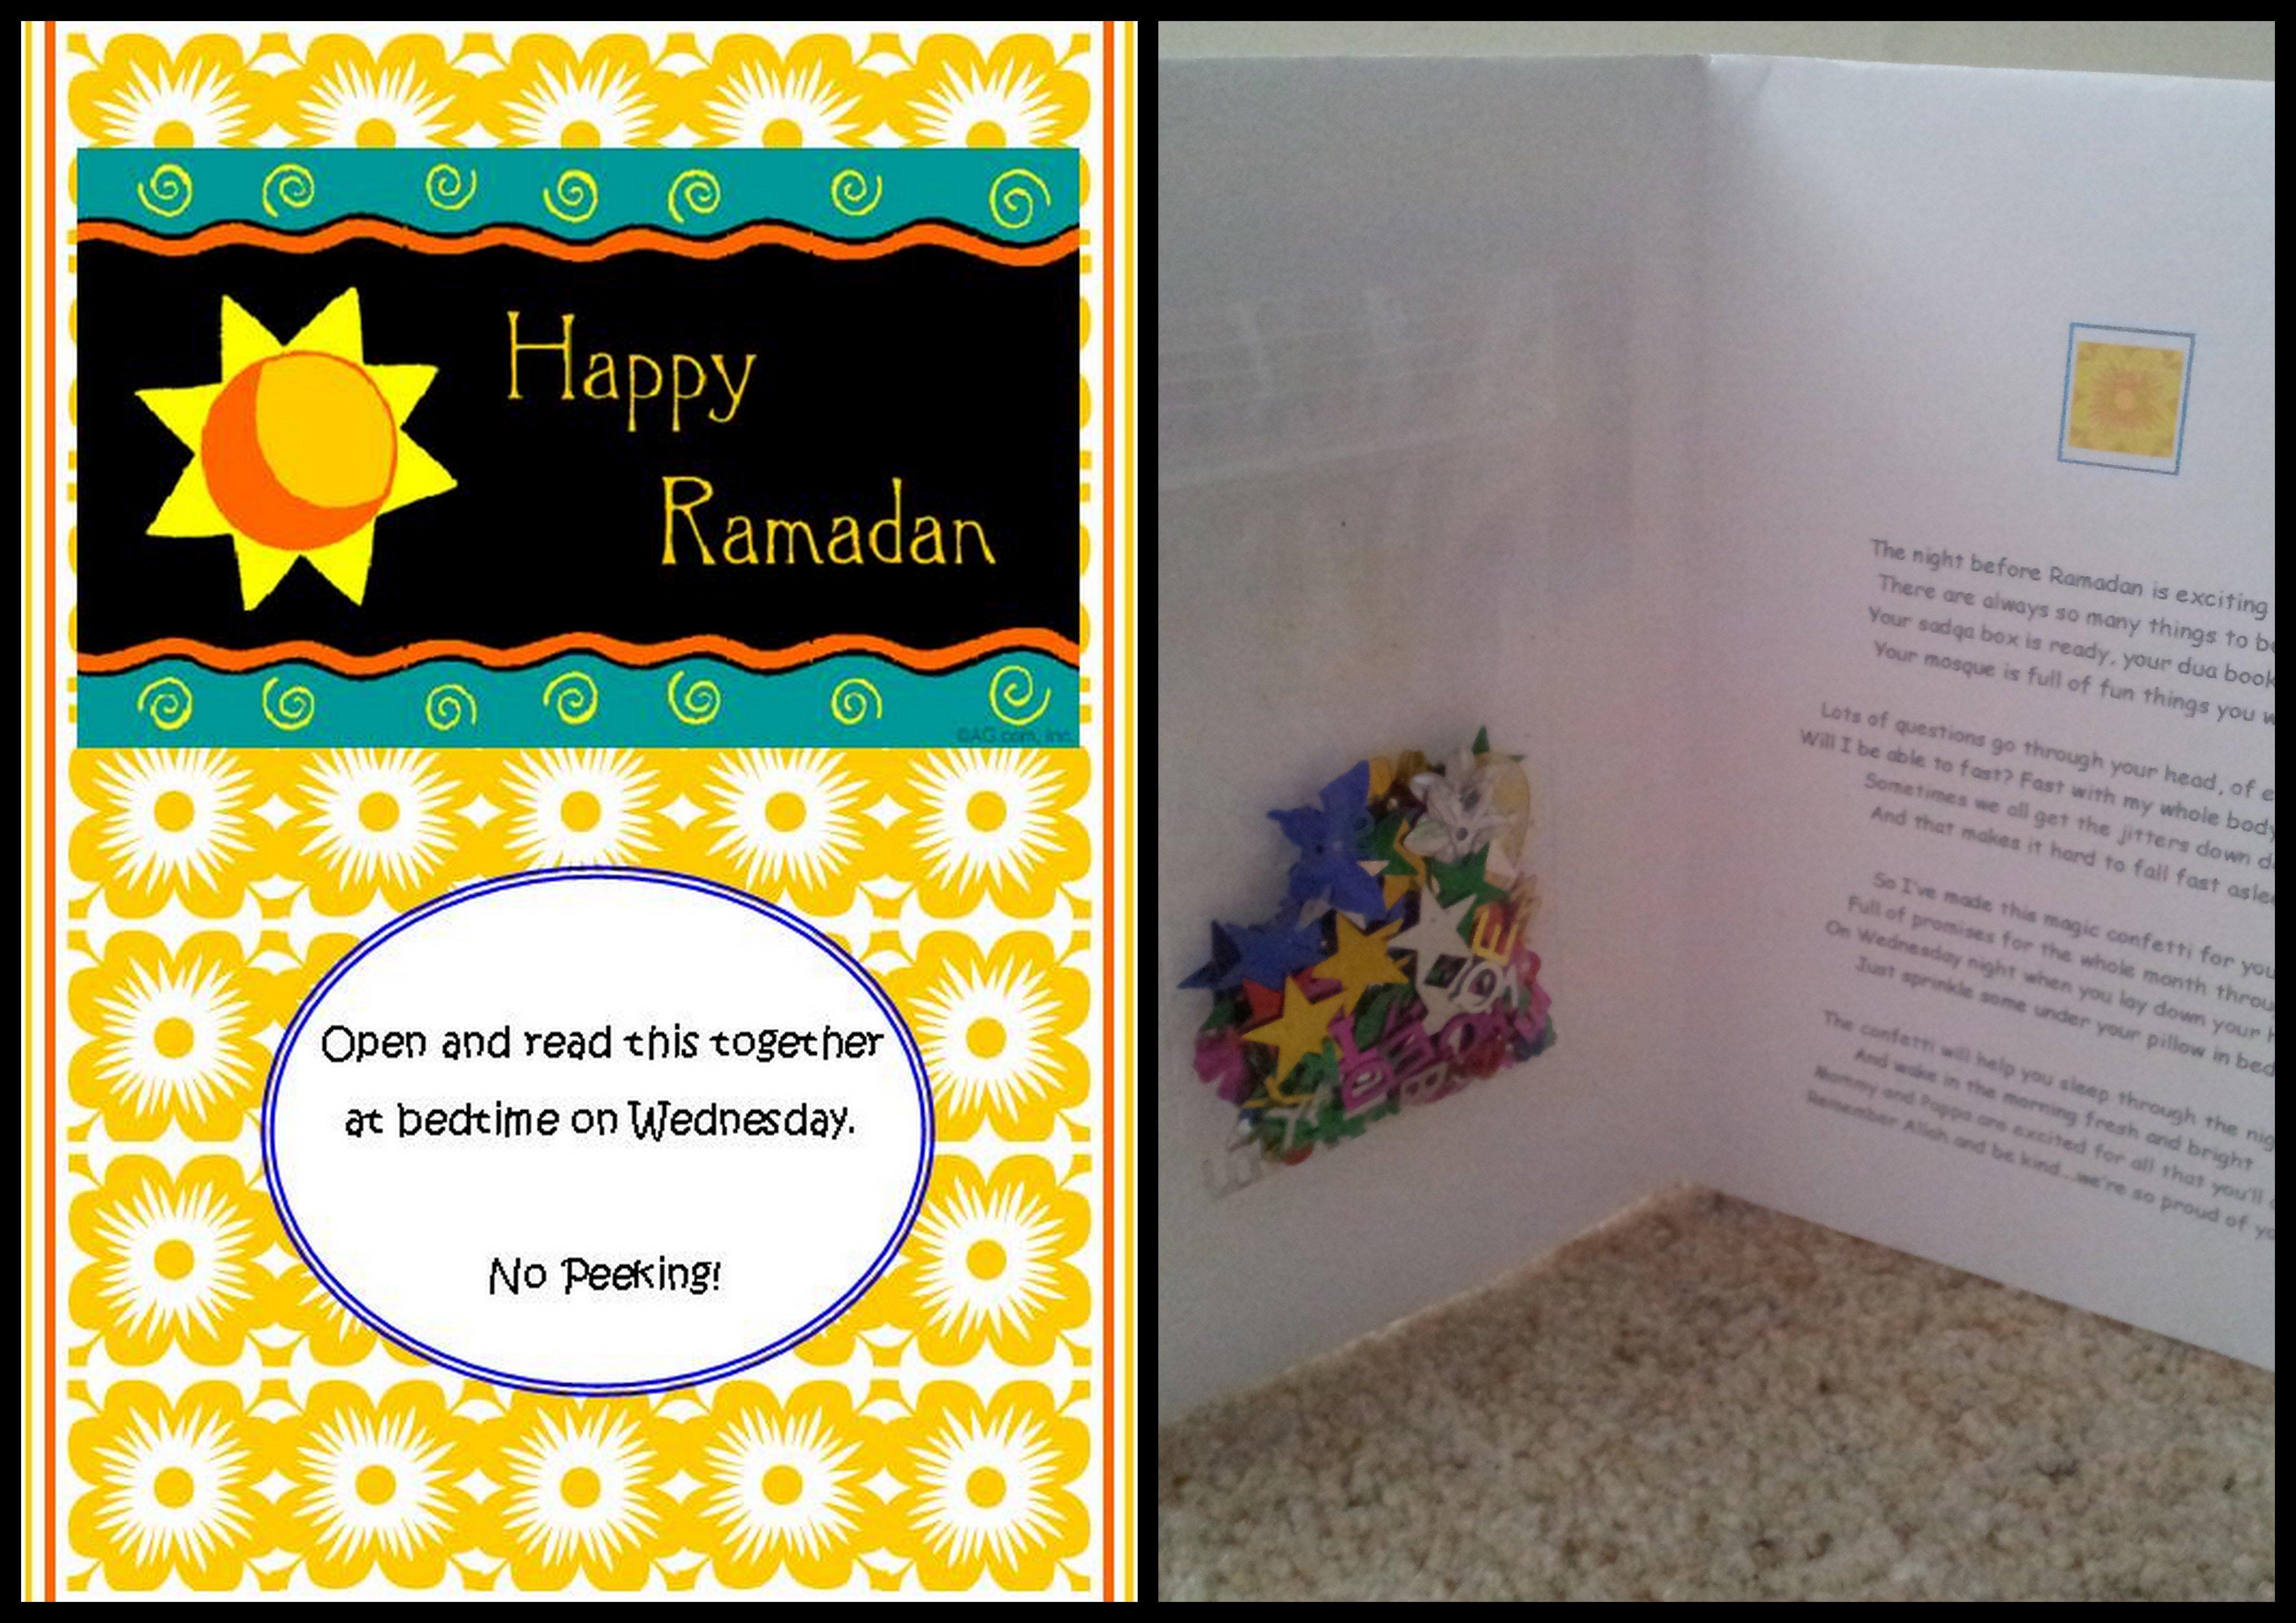 Ramadan Idea 4: The Night Before Ramadan